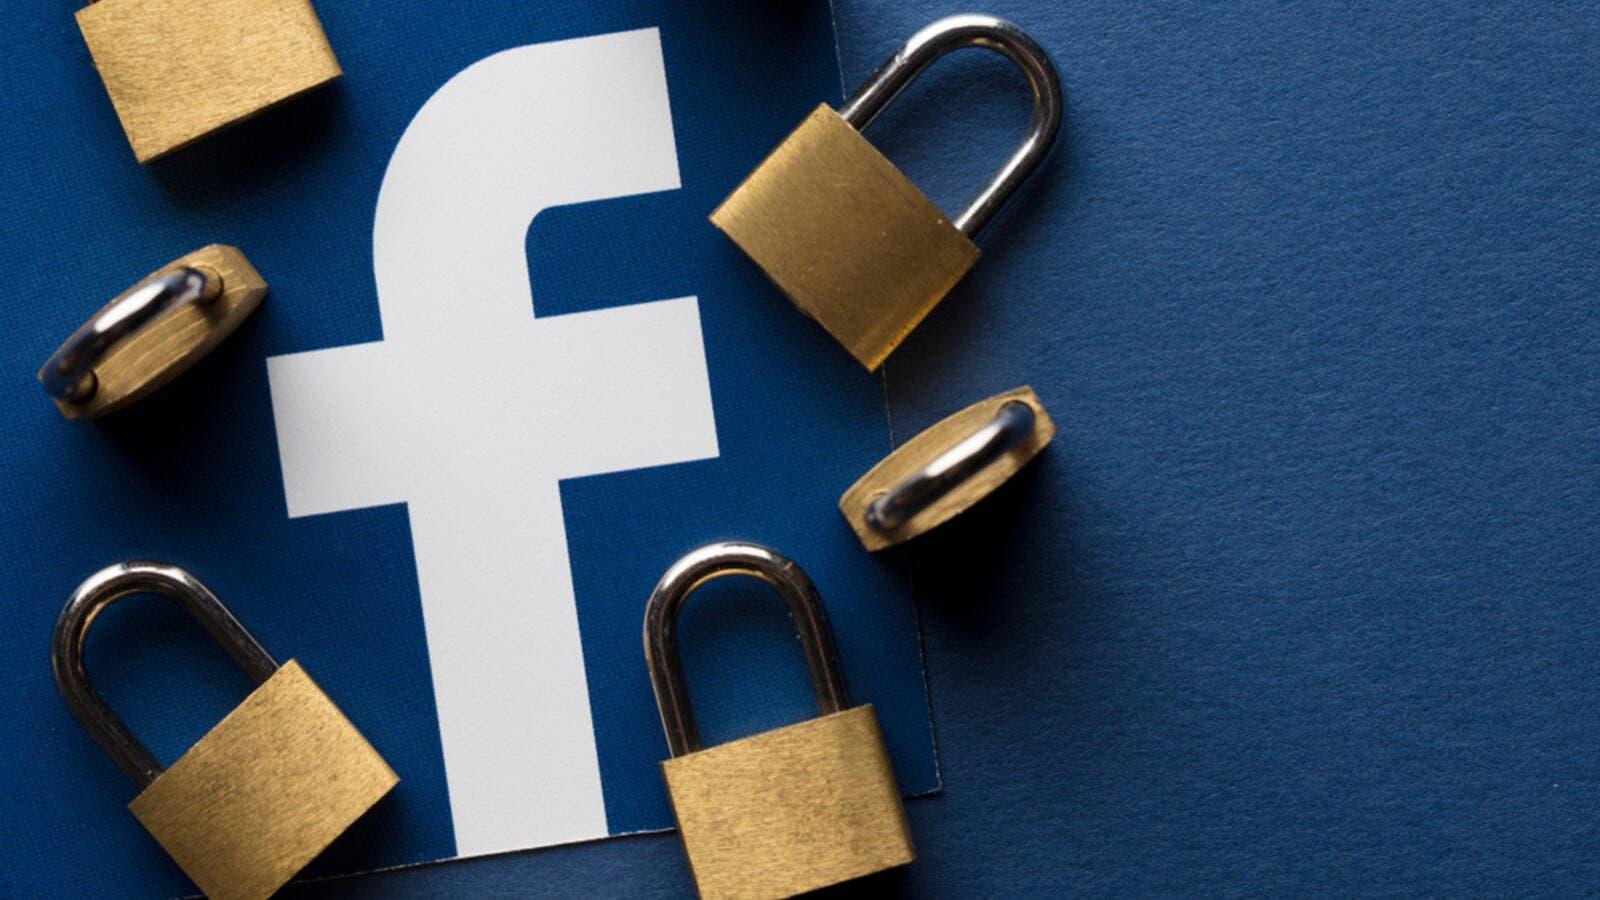 Quảng cáo Facebook bị hàng loạt nhãn hàng tẩy chay 2